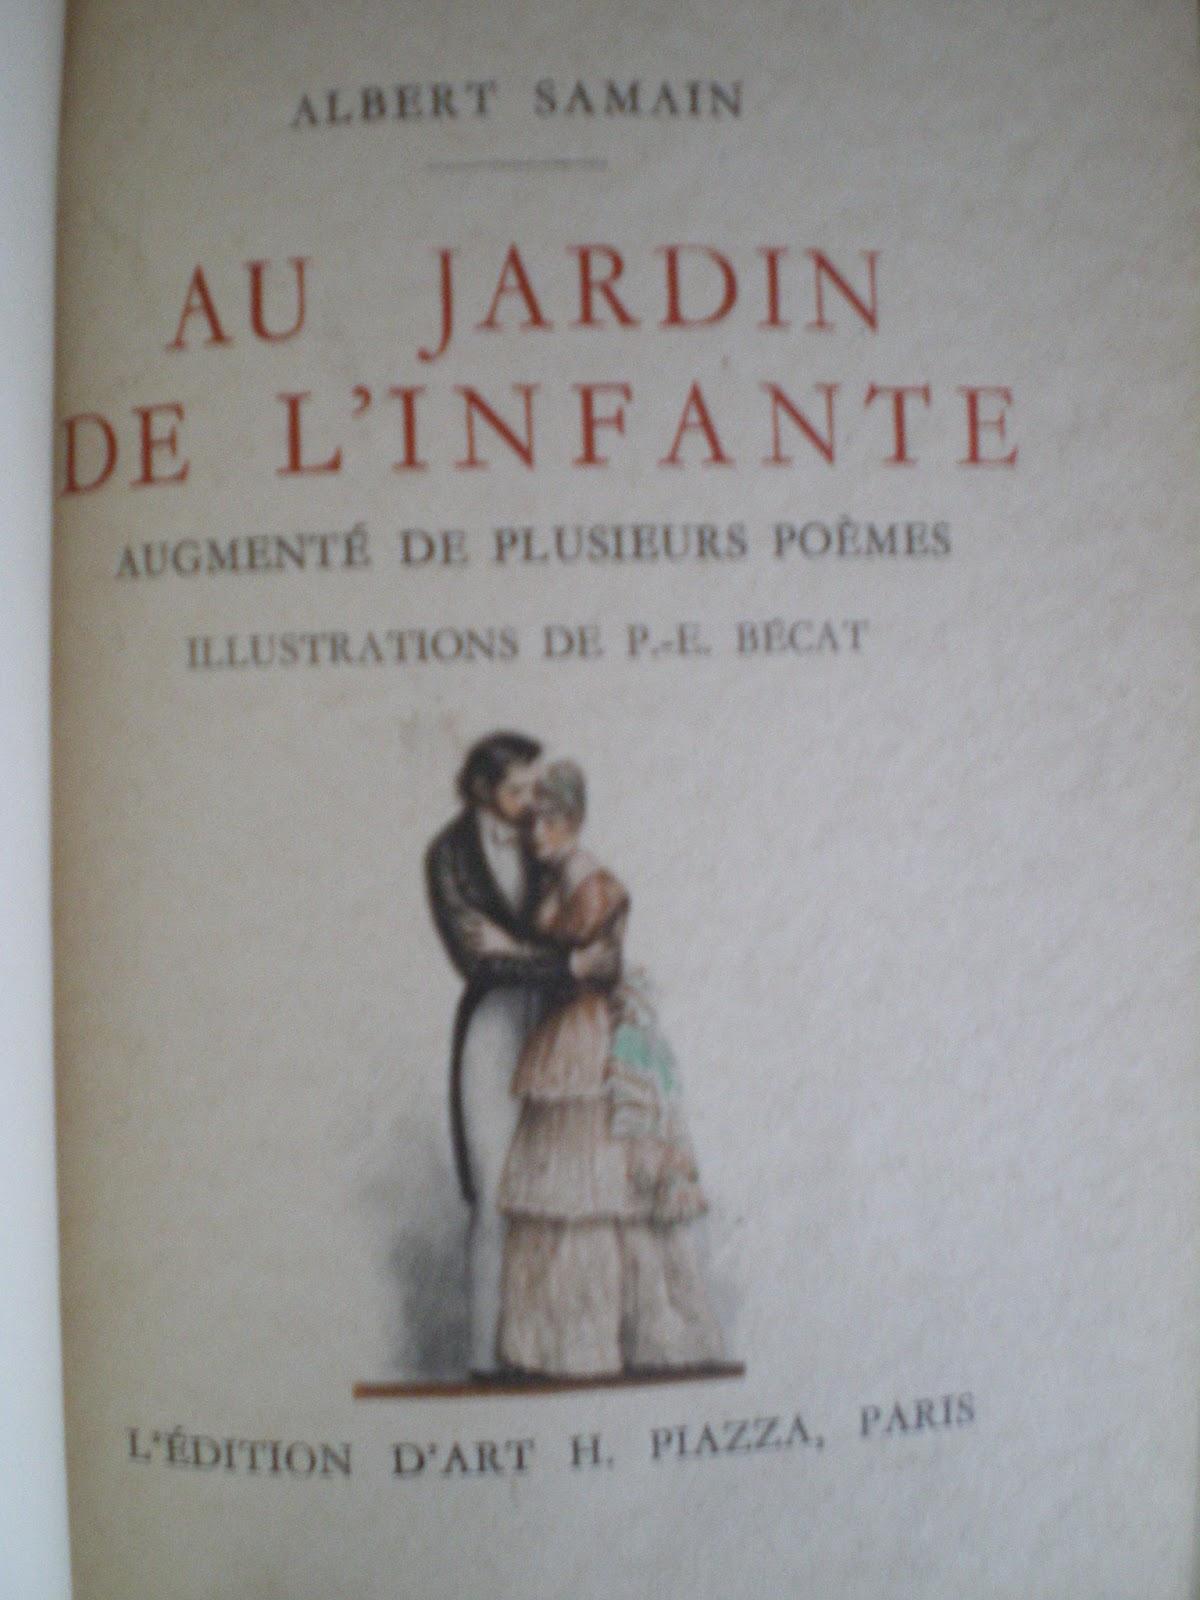 Librairie ancienne florence velk lorient samain albert for Au jardin de l infante samain